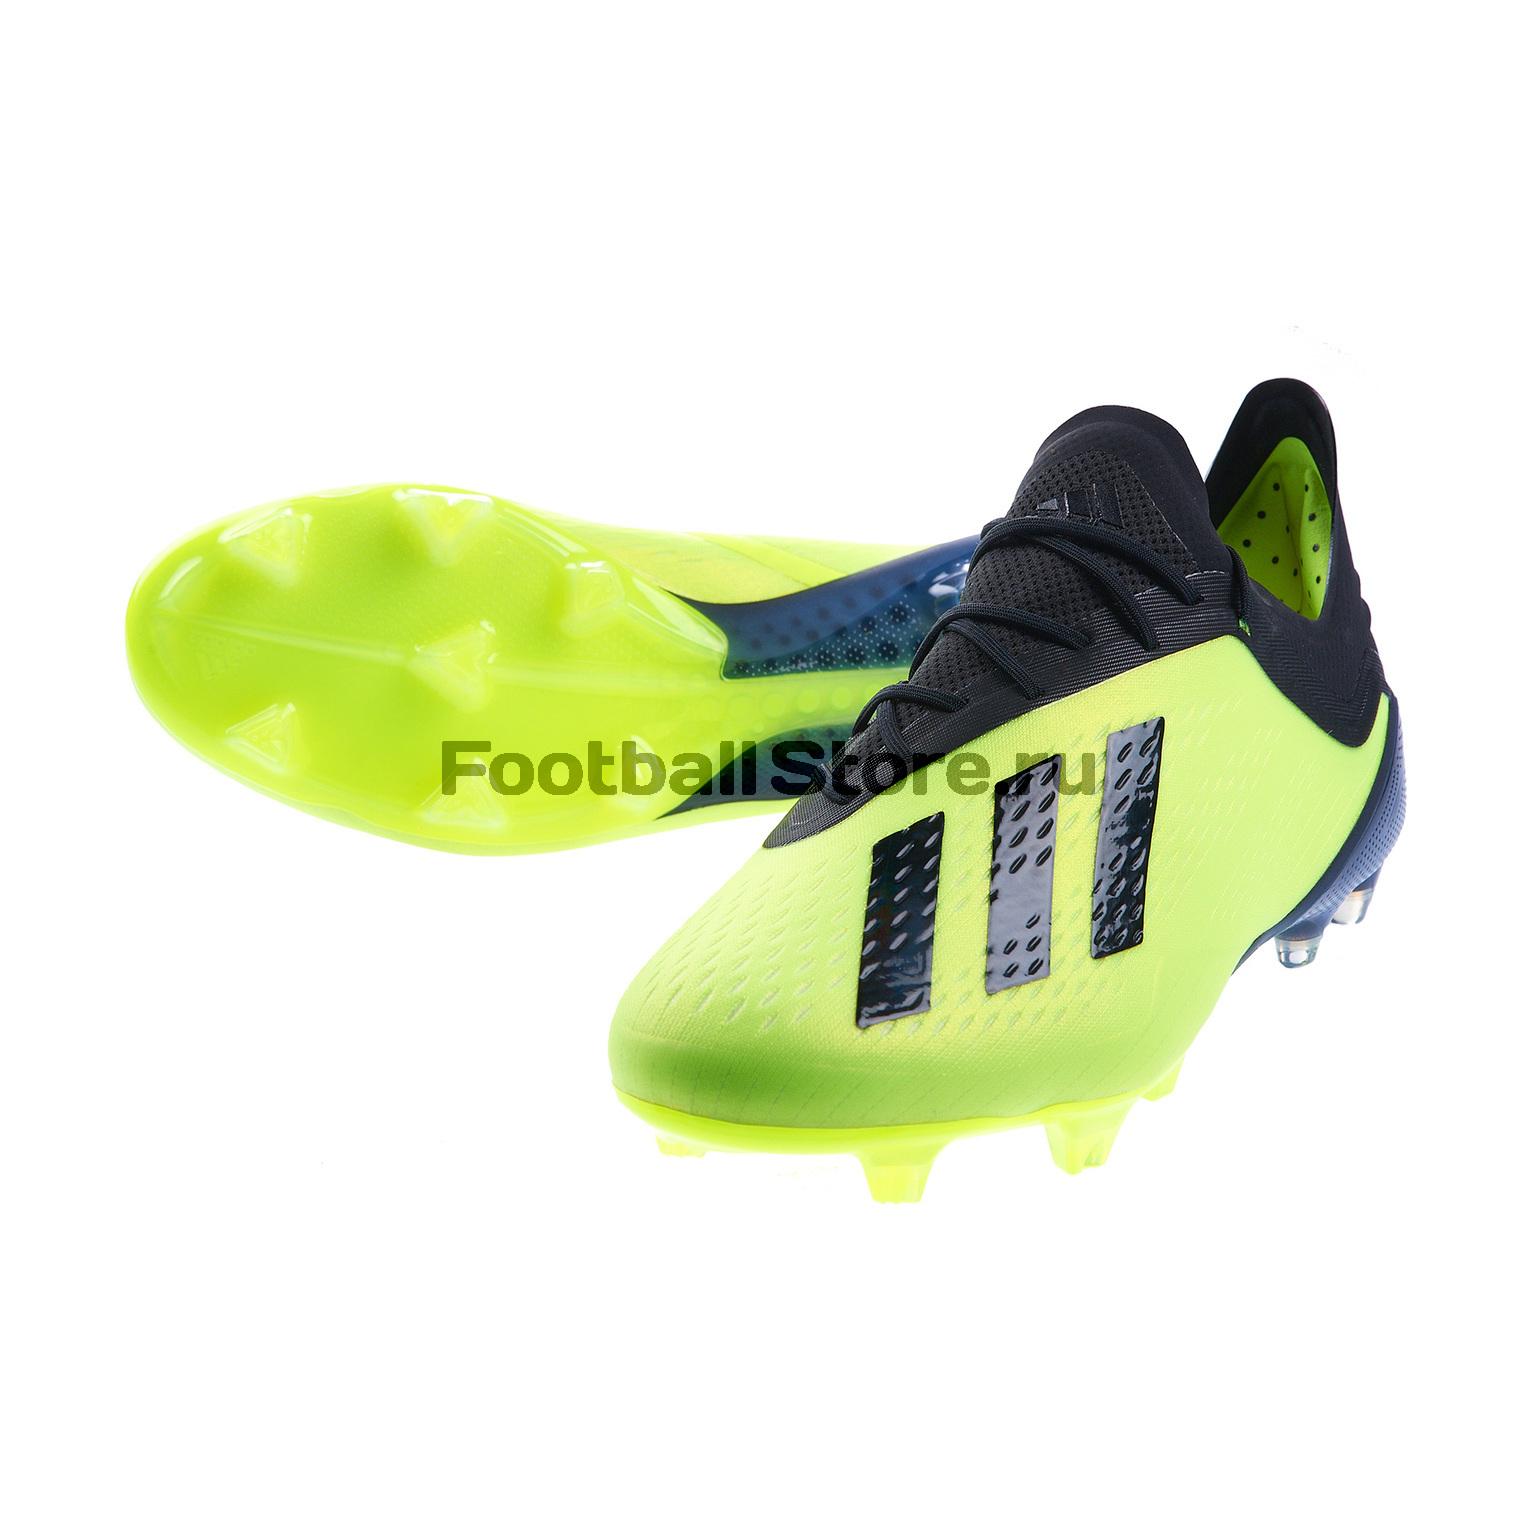 Бутсы Adidas X 18.1 FG DB2251 бутсы adidas футбольные бутсы шиповки x 16 1 cage